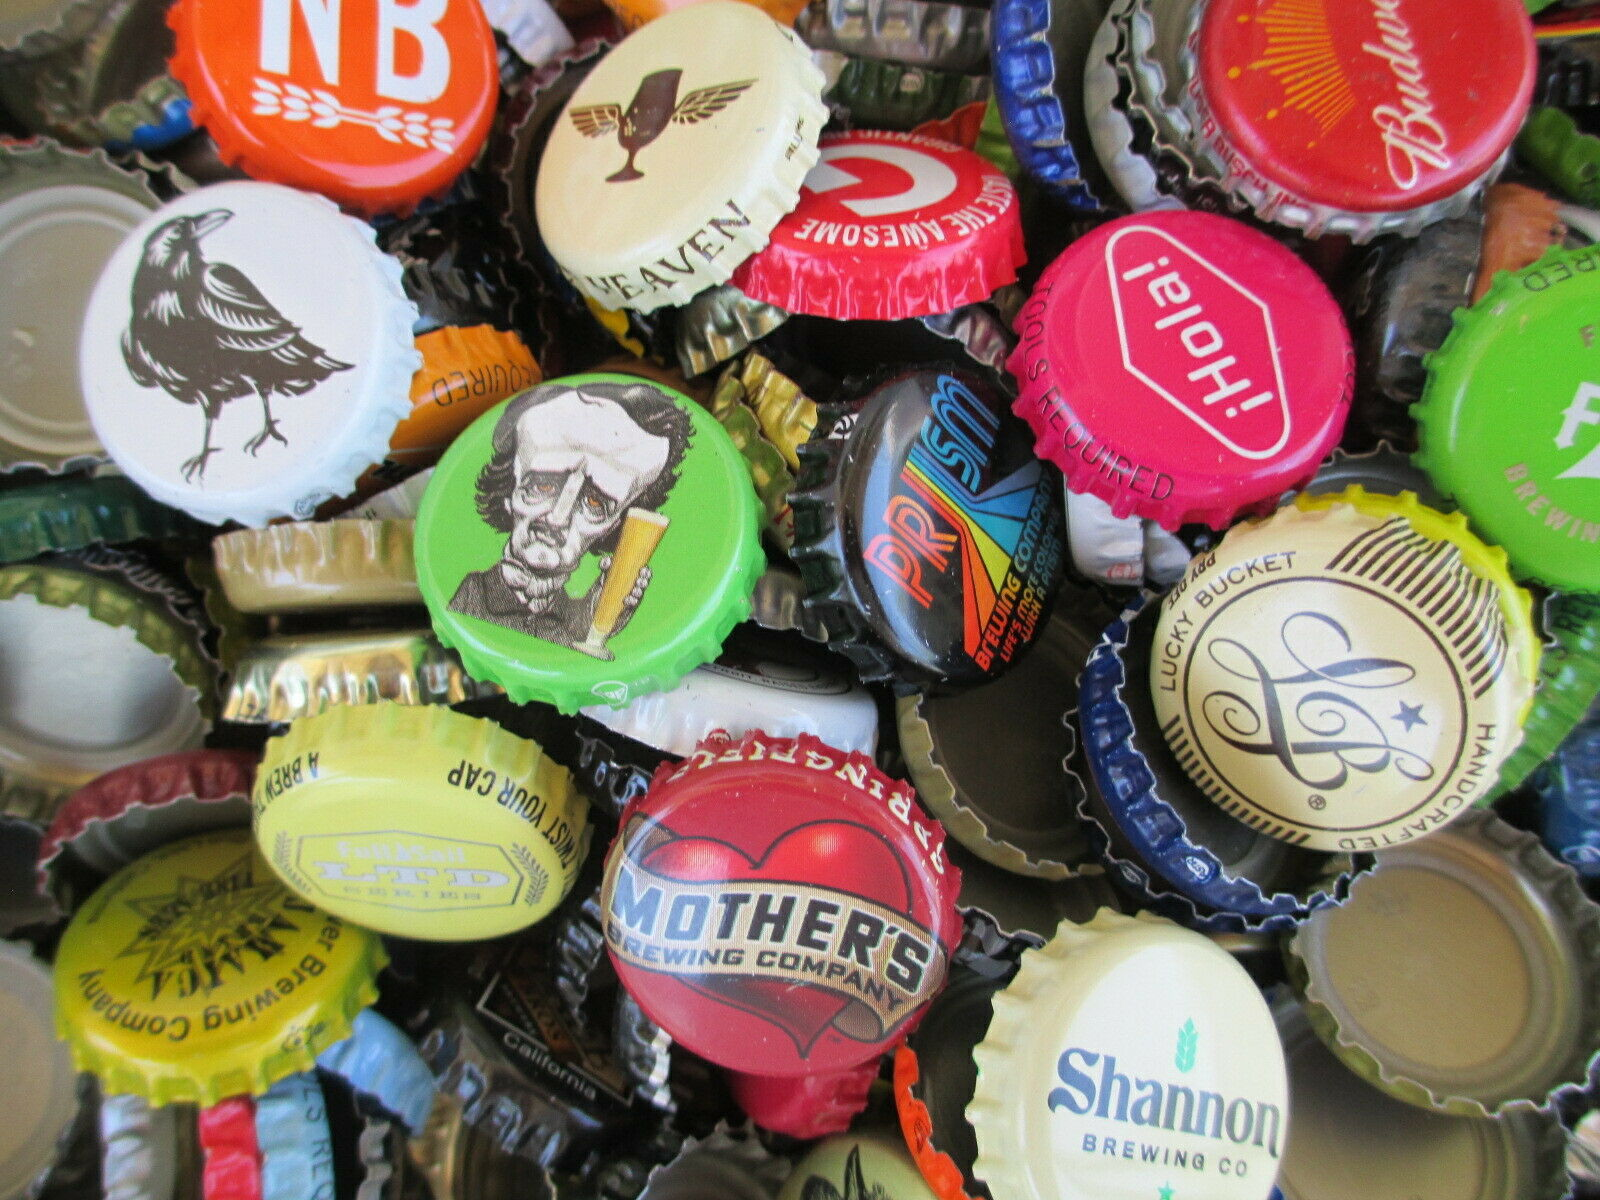 500 Beer Bottle Caps (((( No Dents )))) Good Mixture of Beer Caps